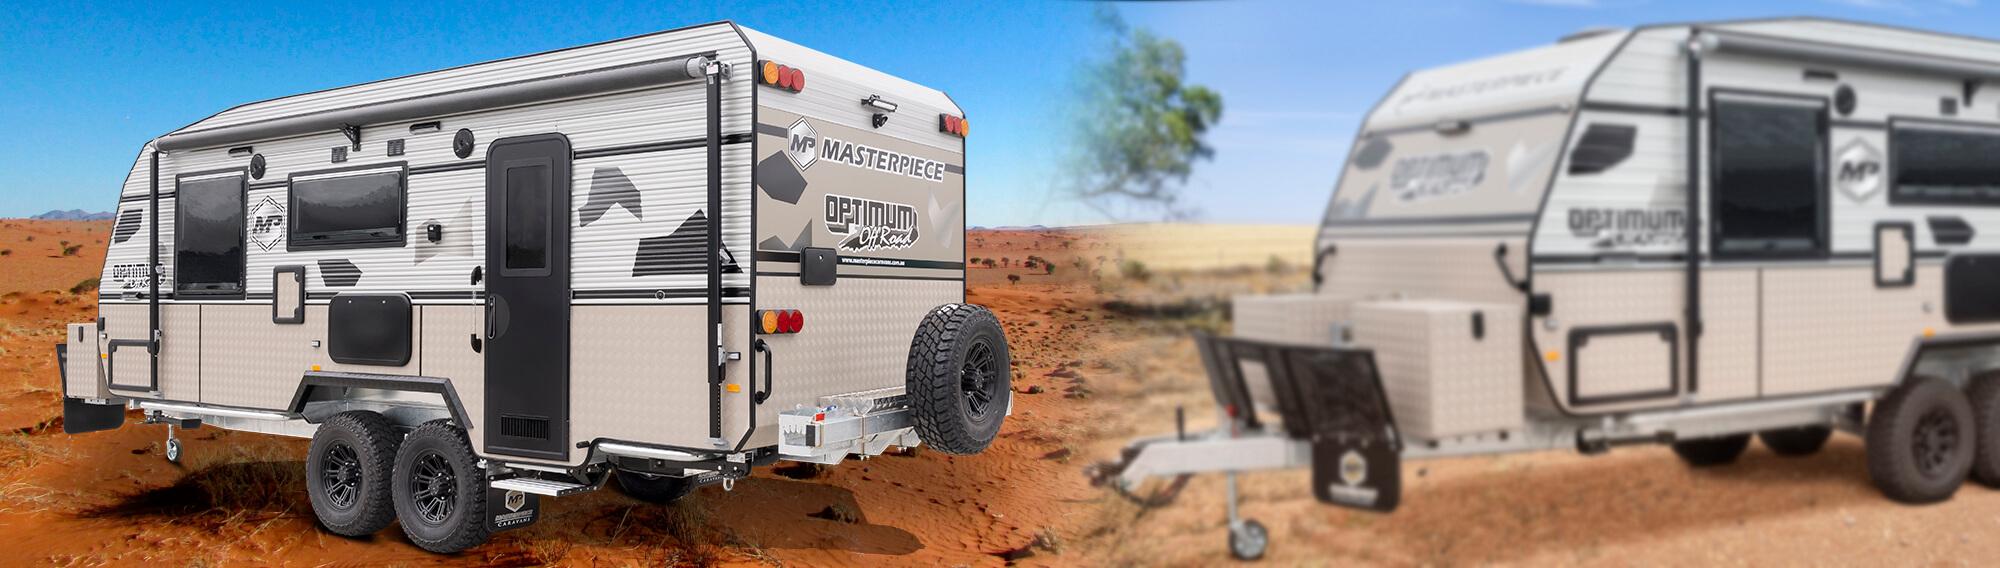 Optimum - Full Off Road Caravan